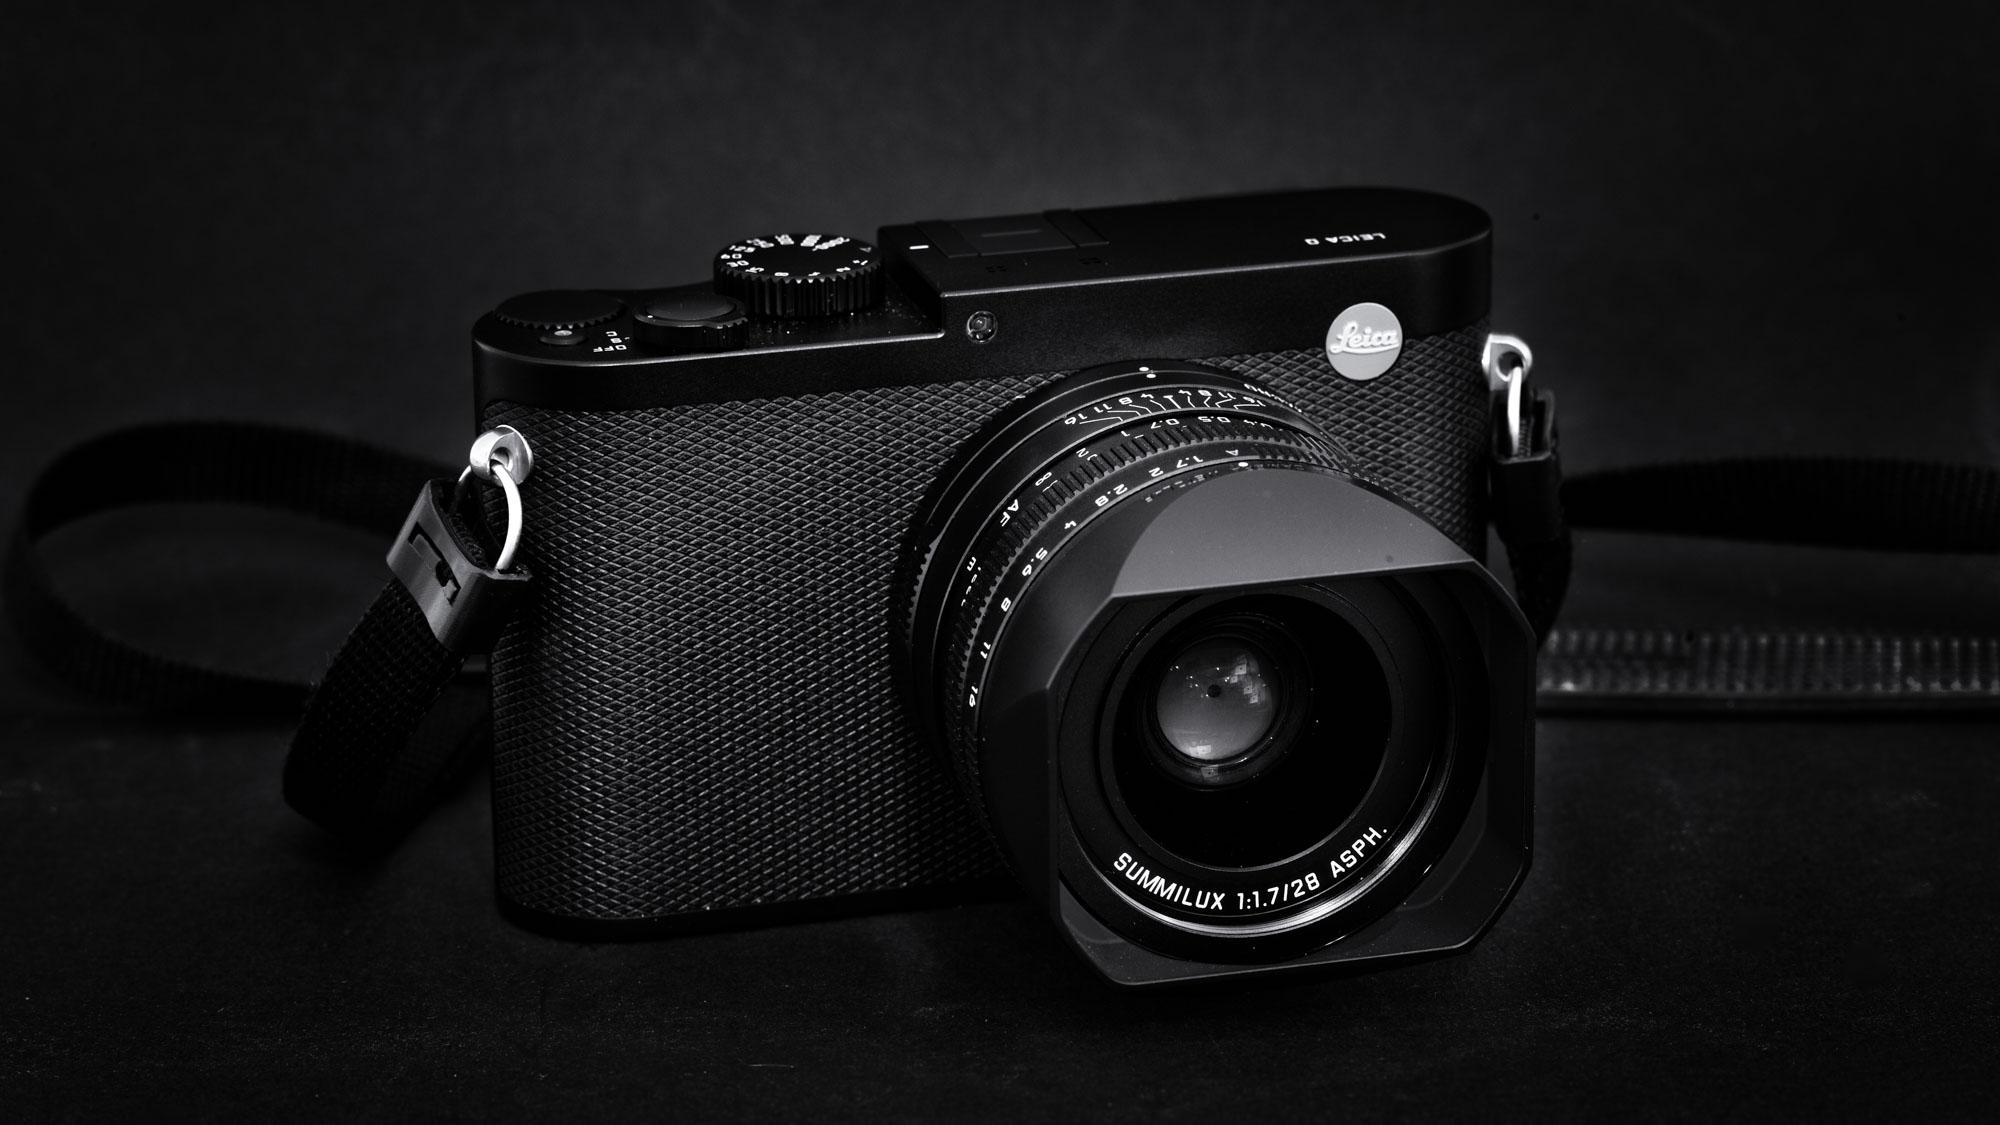 Retrospektive: Ein Jahr mit der Leica Q - MesssucherweltMesssucherwelt